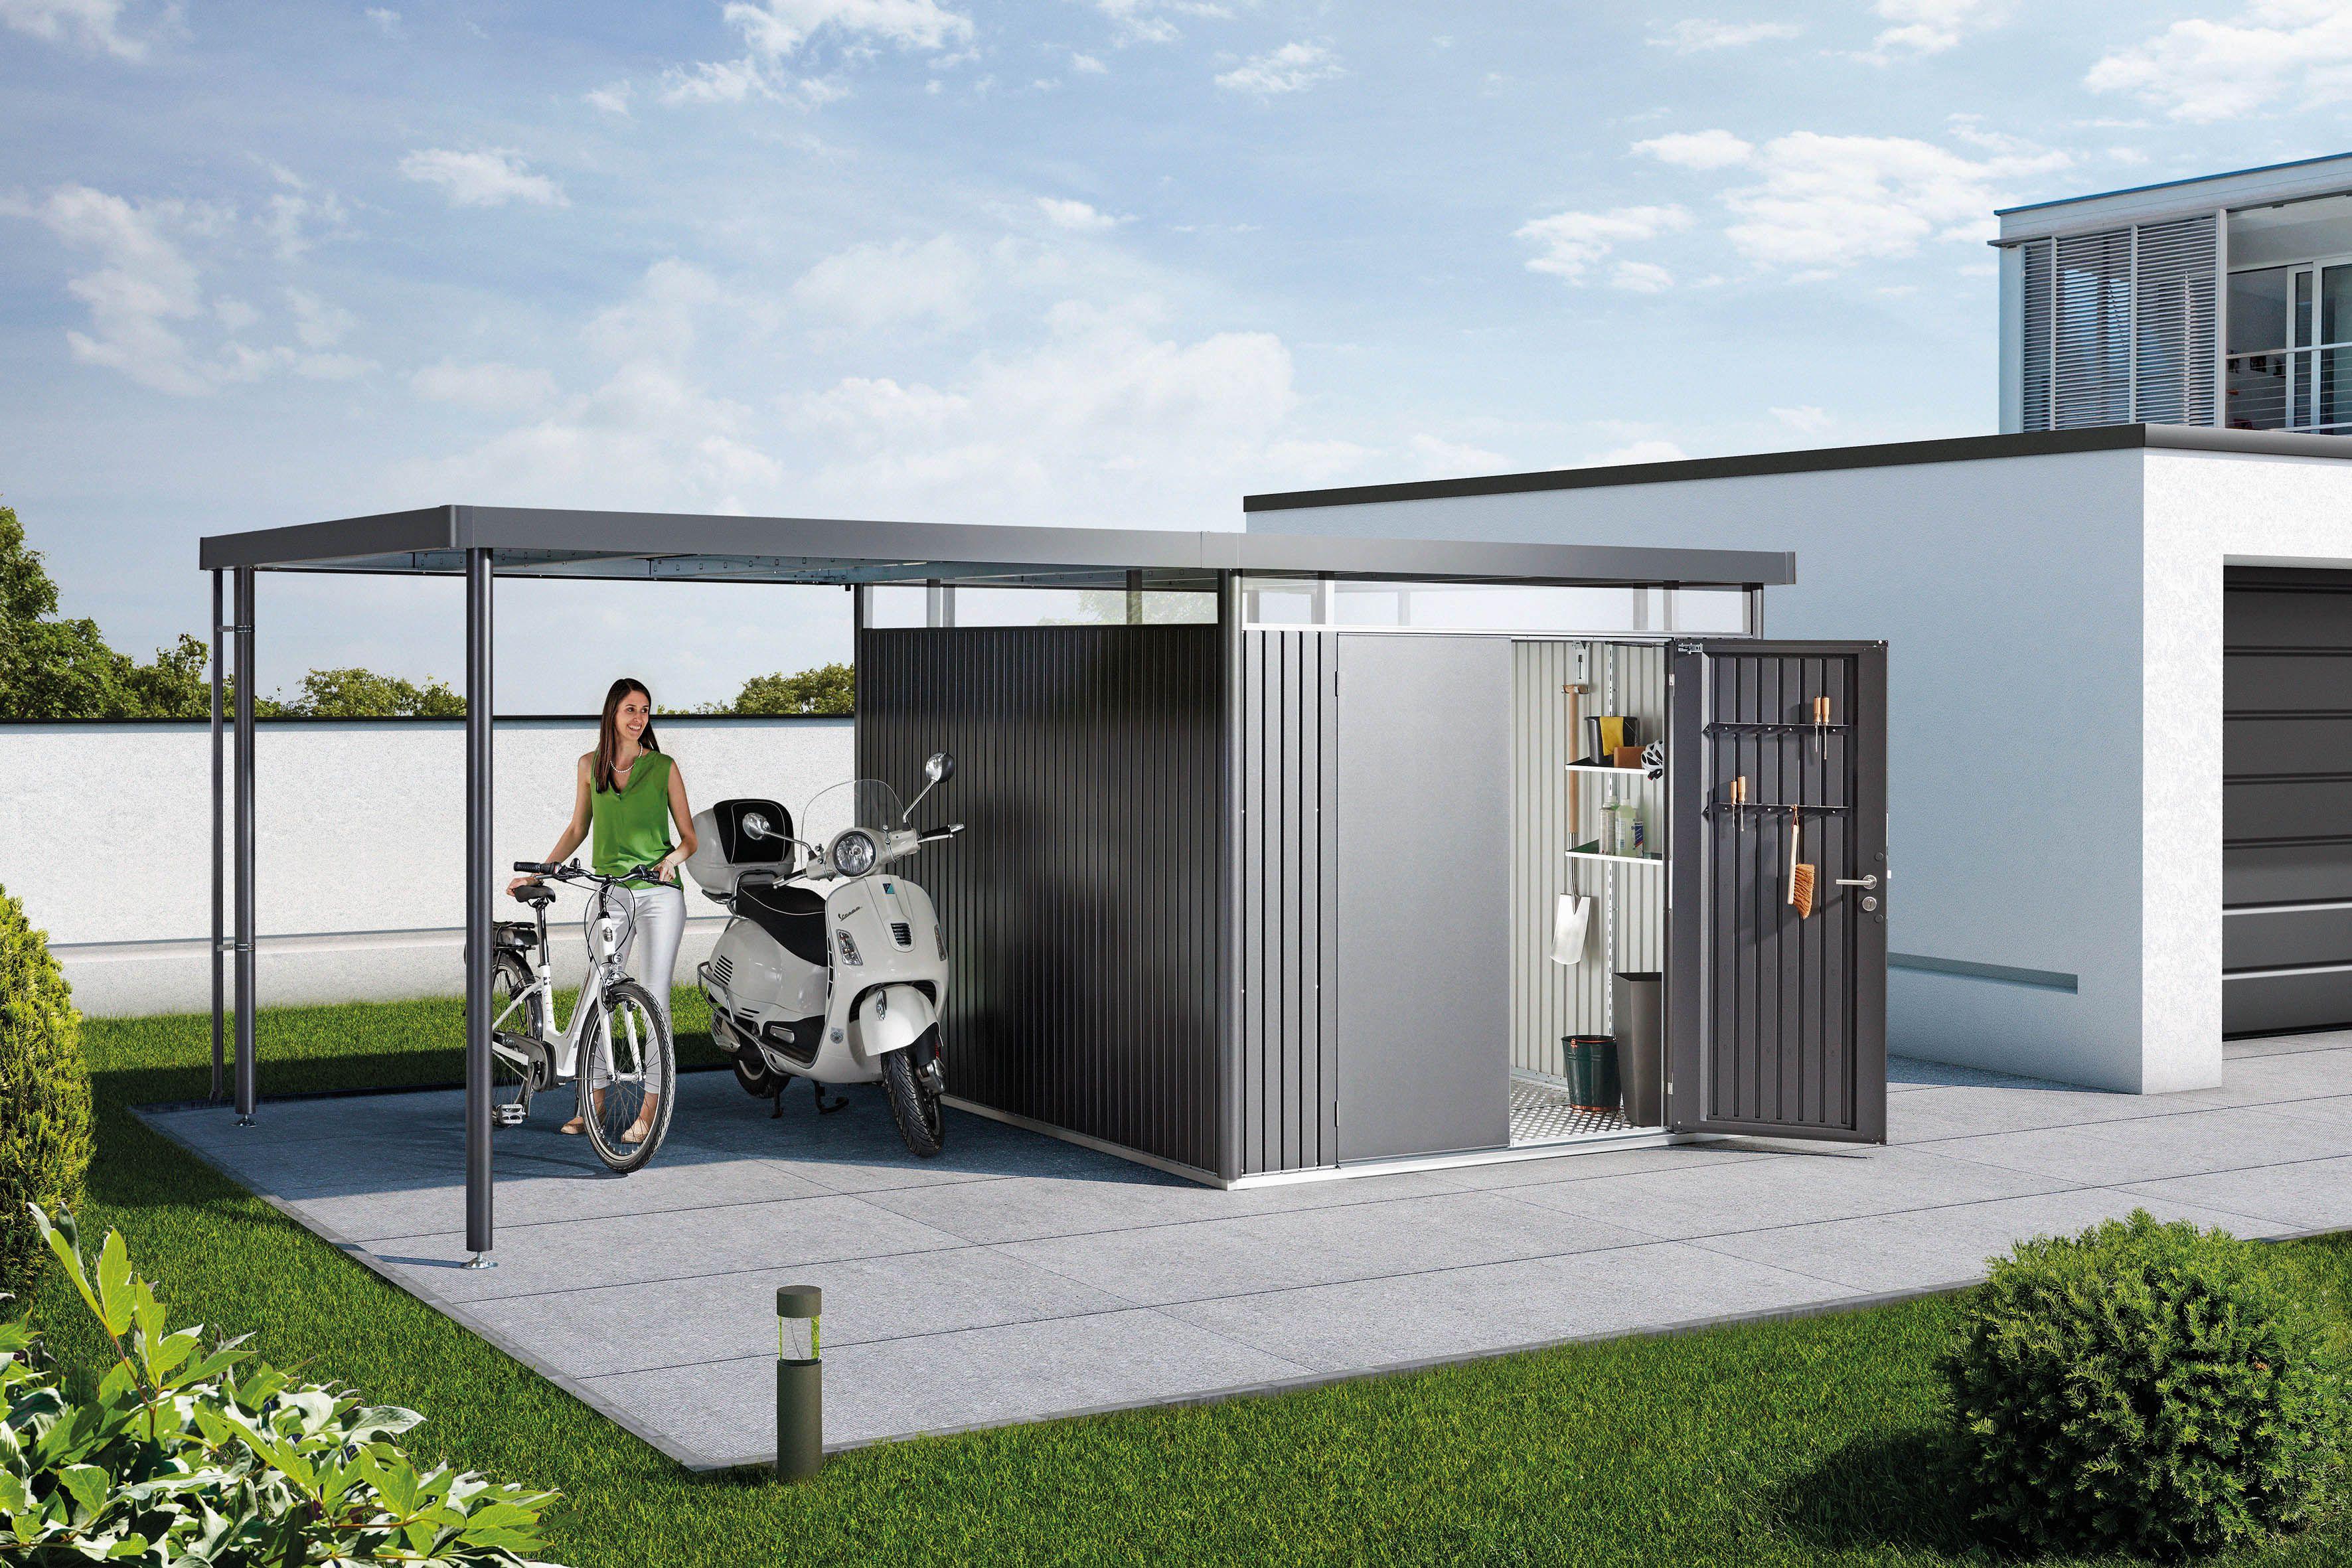 Biohort Gartenhaus Highline Mit Seitendach Biohort Gartenhutte Gartenhaus Metall